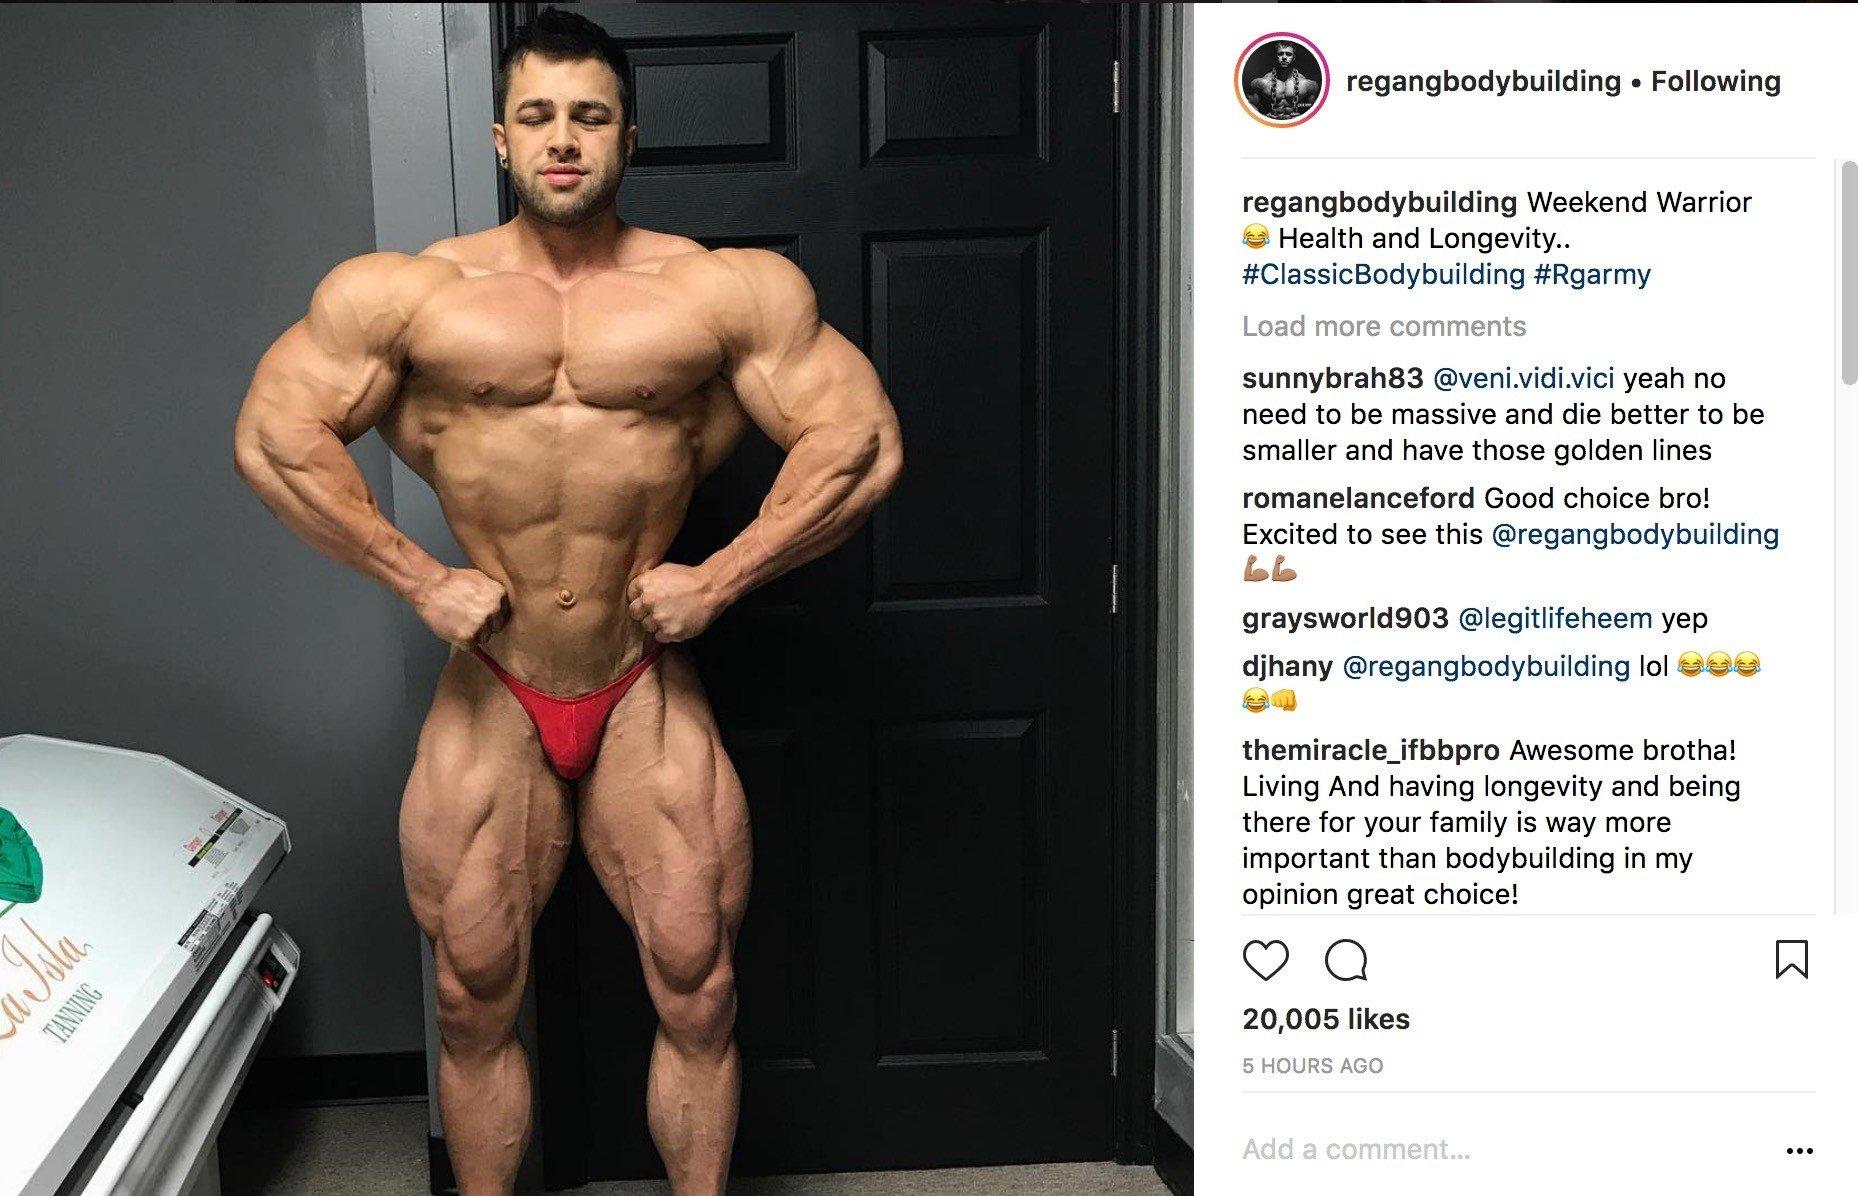 Canadian bodybuilding star Regan Grimes